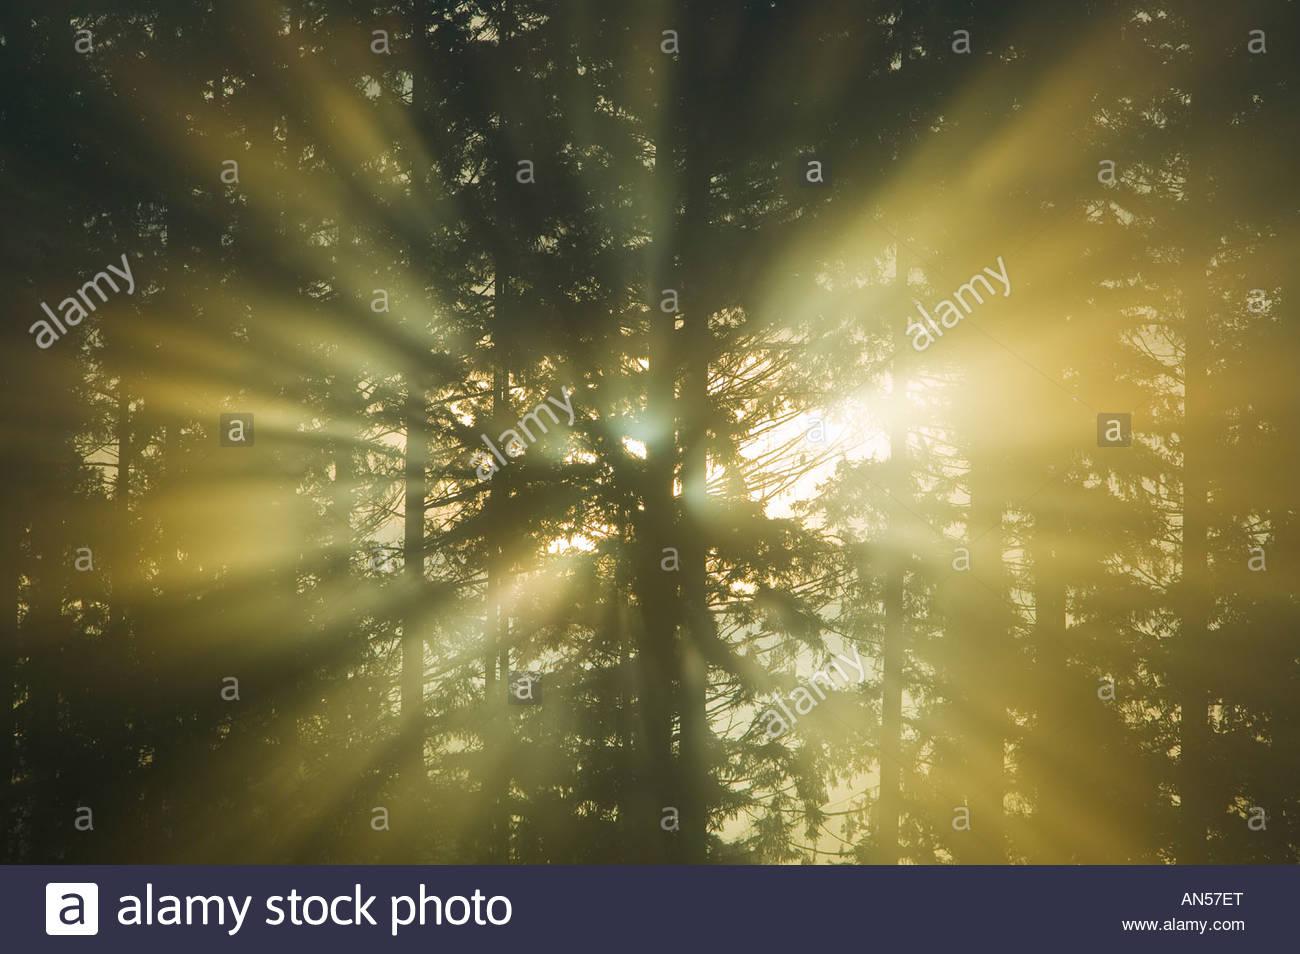 Les rayons de soleil brillent à travers les arbres dans la brume matinale, la création de poutres spectaculaire Photo Stock